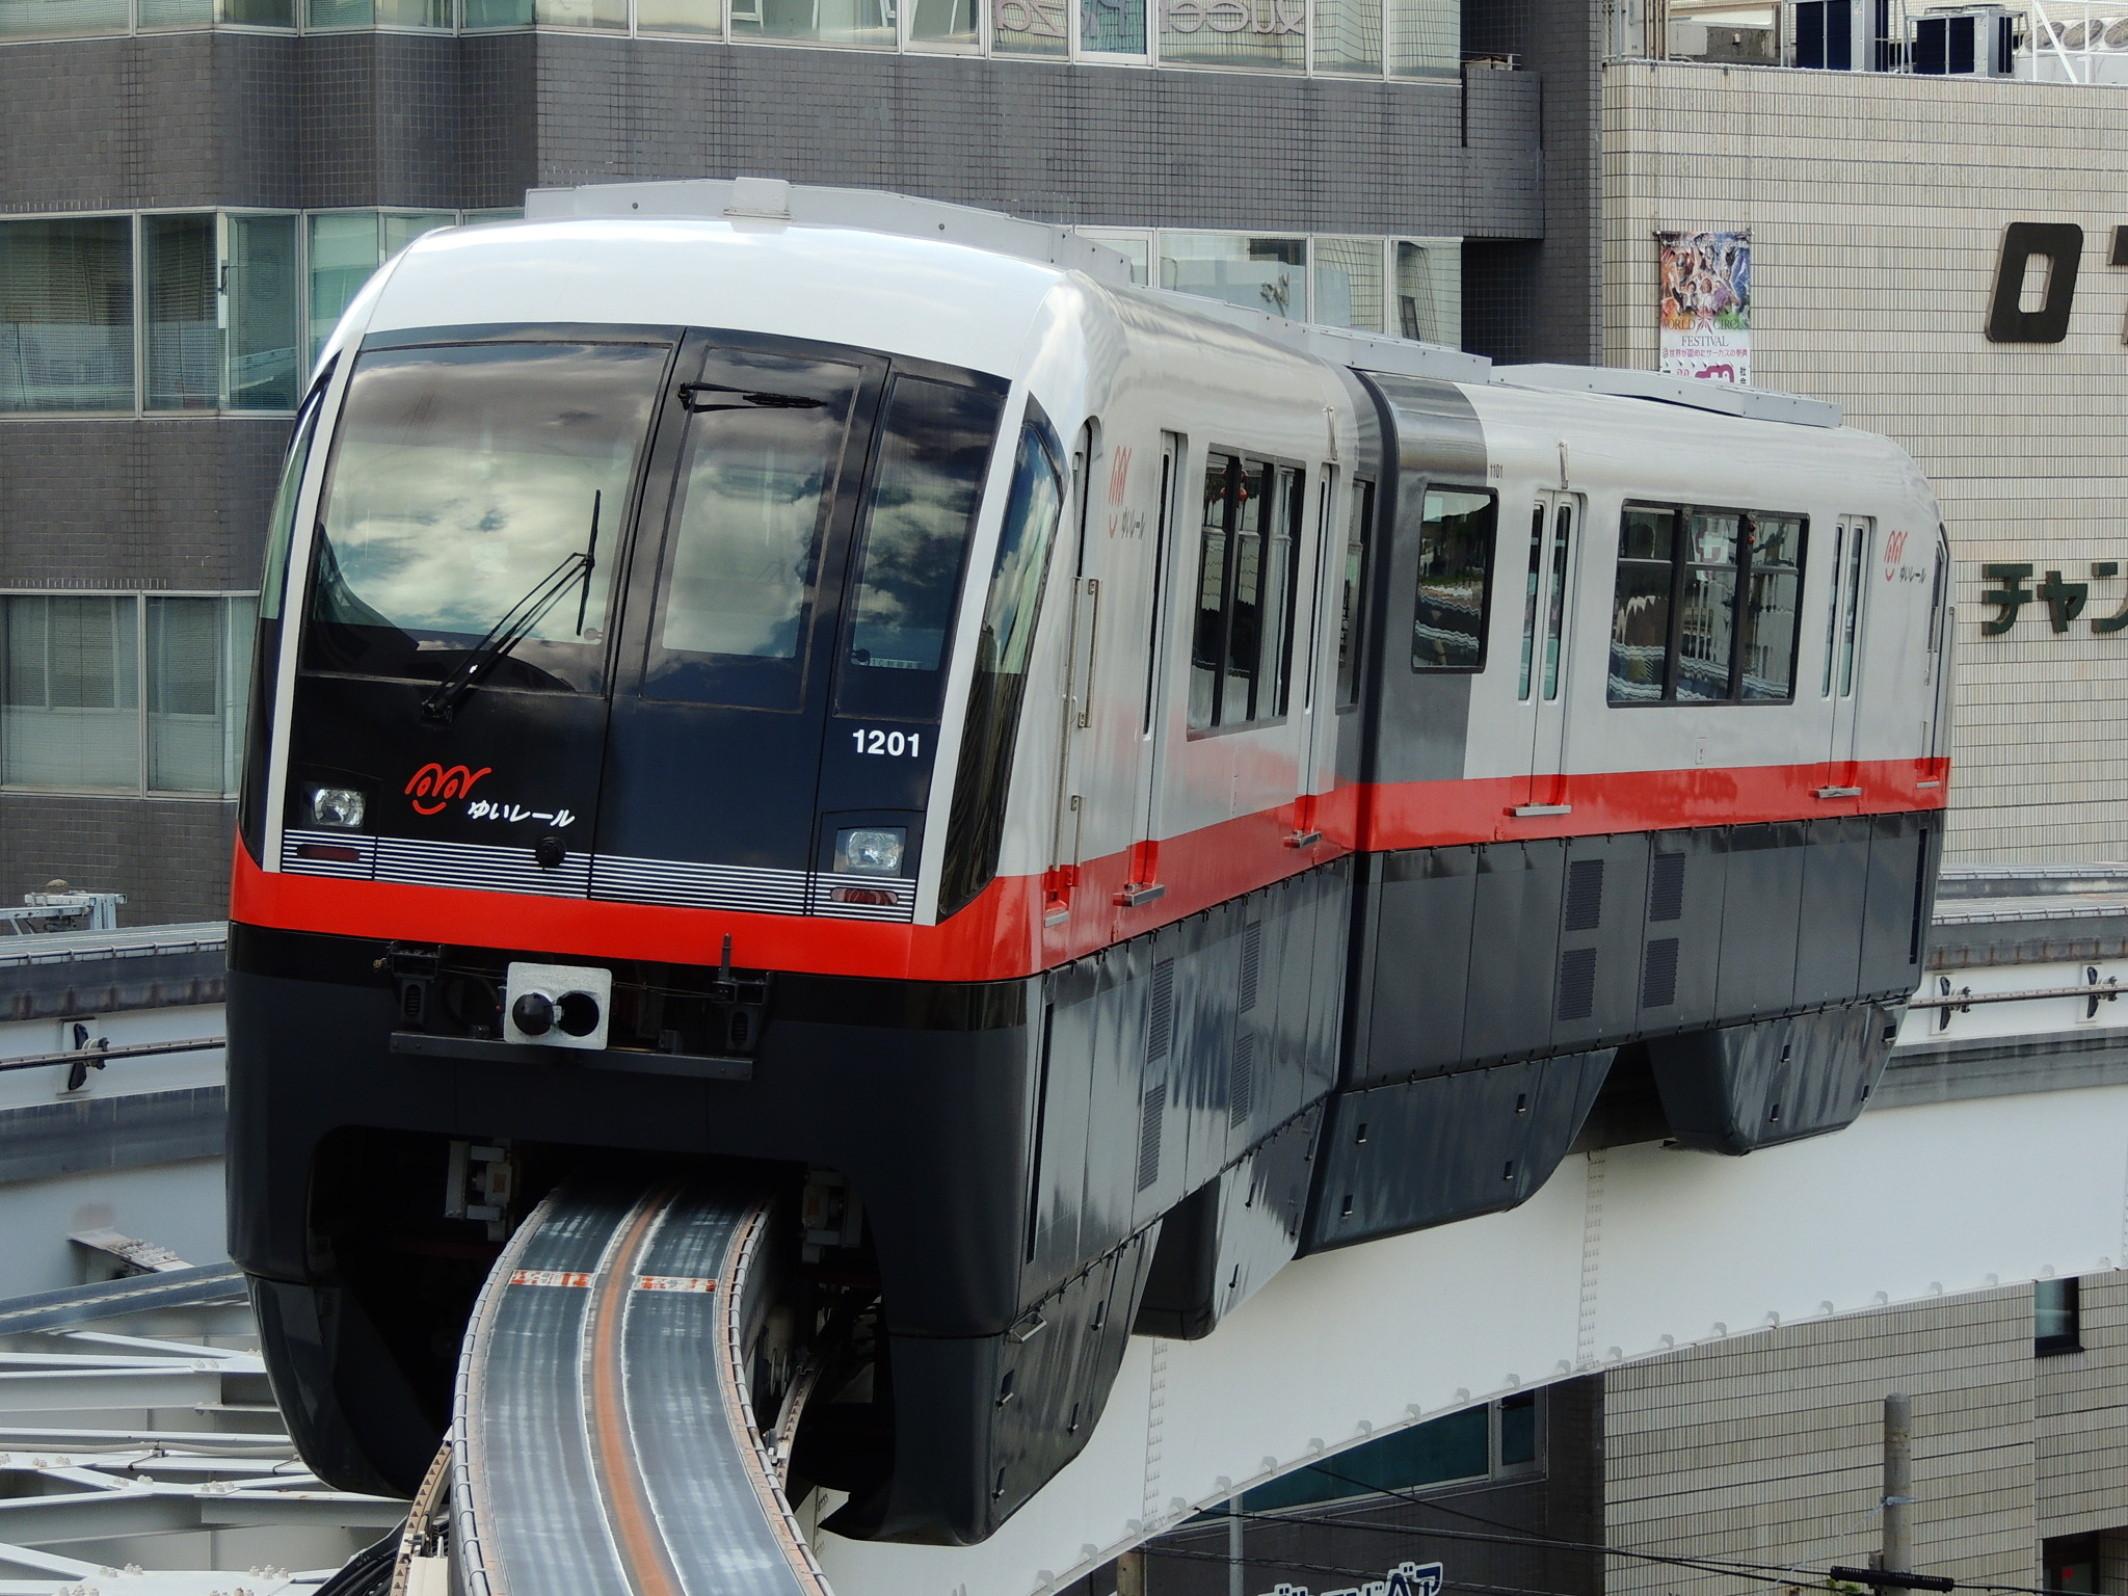 Yui-rail_1000_series